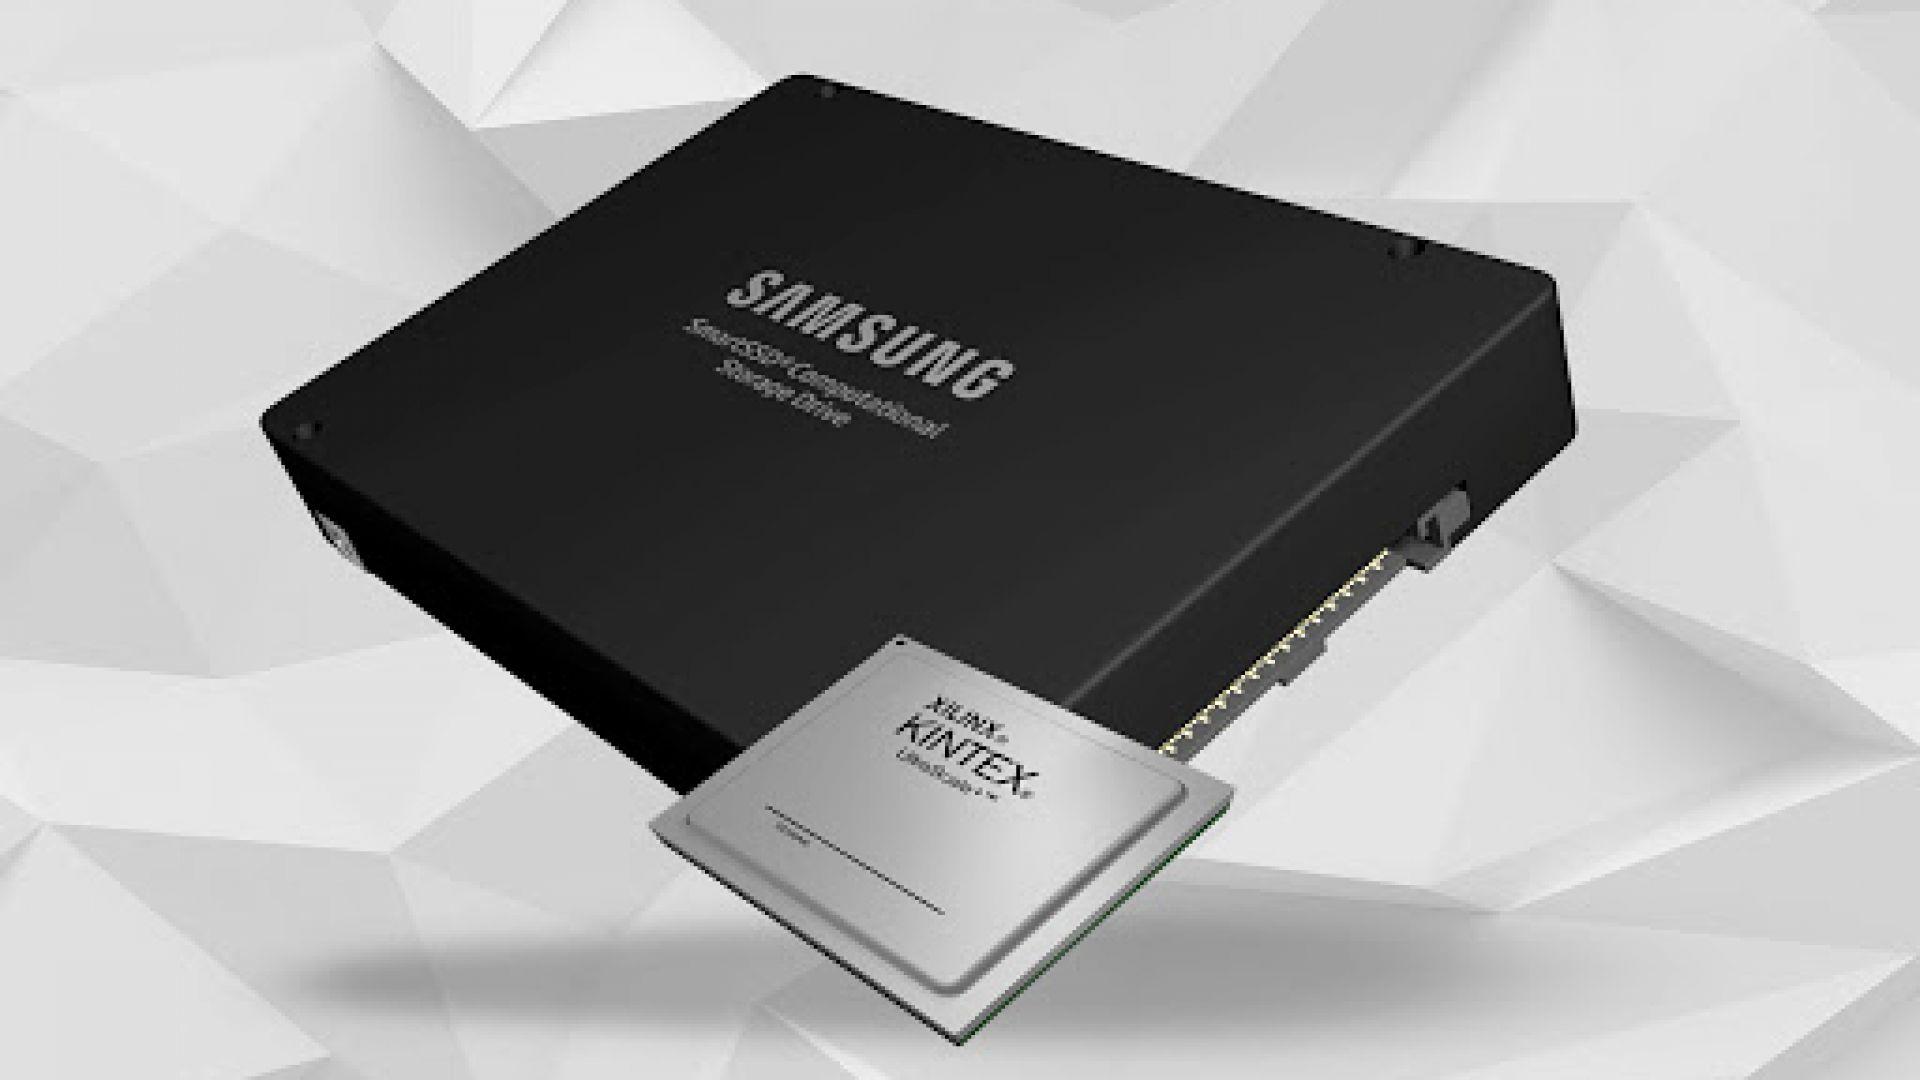 """Създадоха първия """"изчислителен"""" SSD диск"""